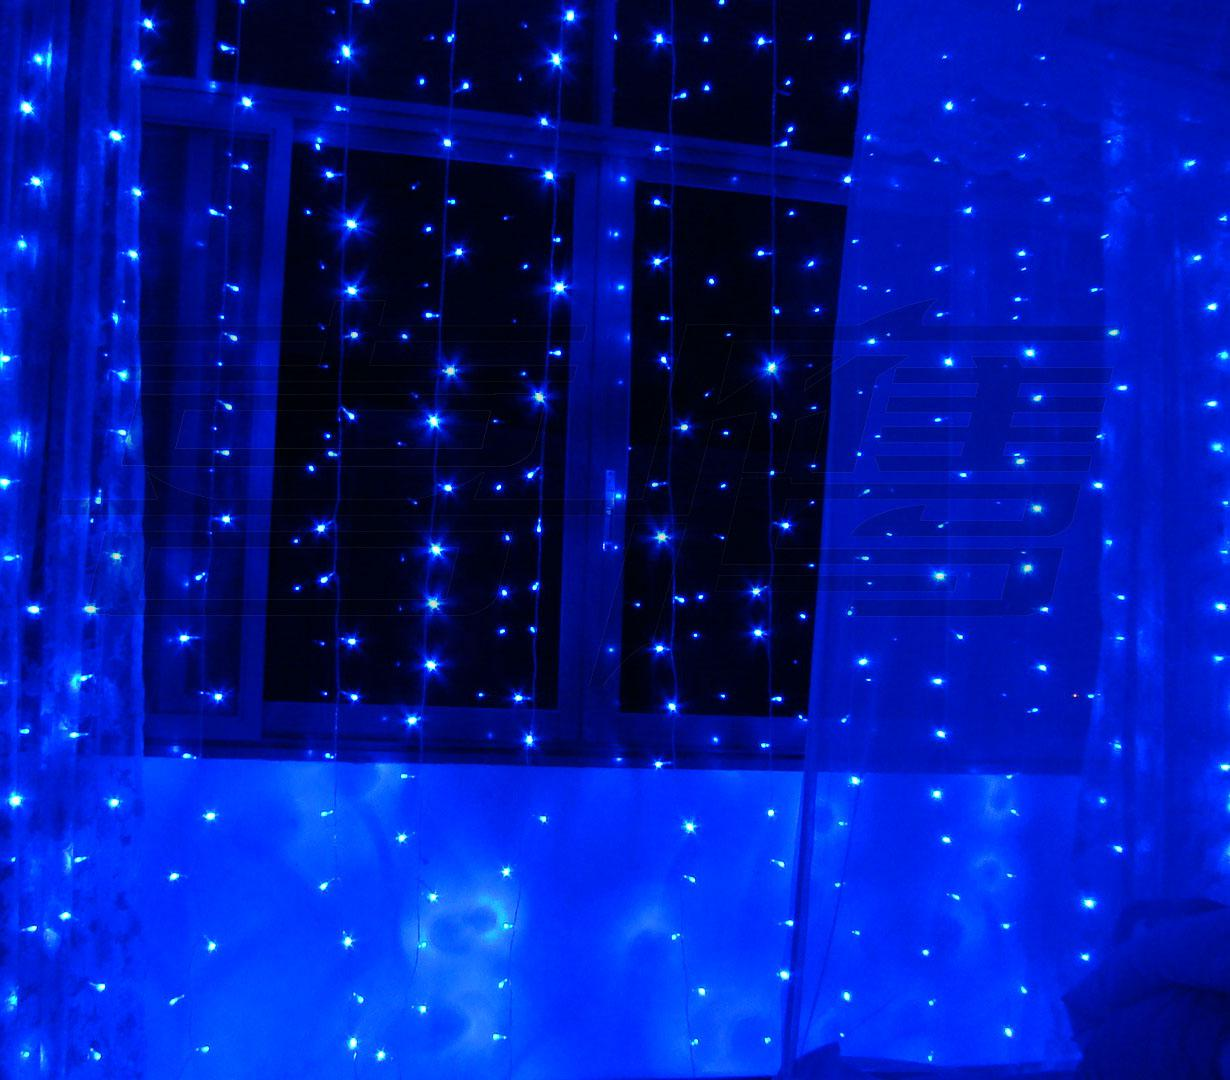 512 LED-Lichter 4m * 4m Vorhang-Lichter, Weihnachtsverzierungslicht, grelles weddind farbiges Licht, feenhafte Lichter imprägniern geführte helle Streifenbeleuchtung